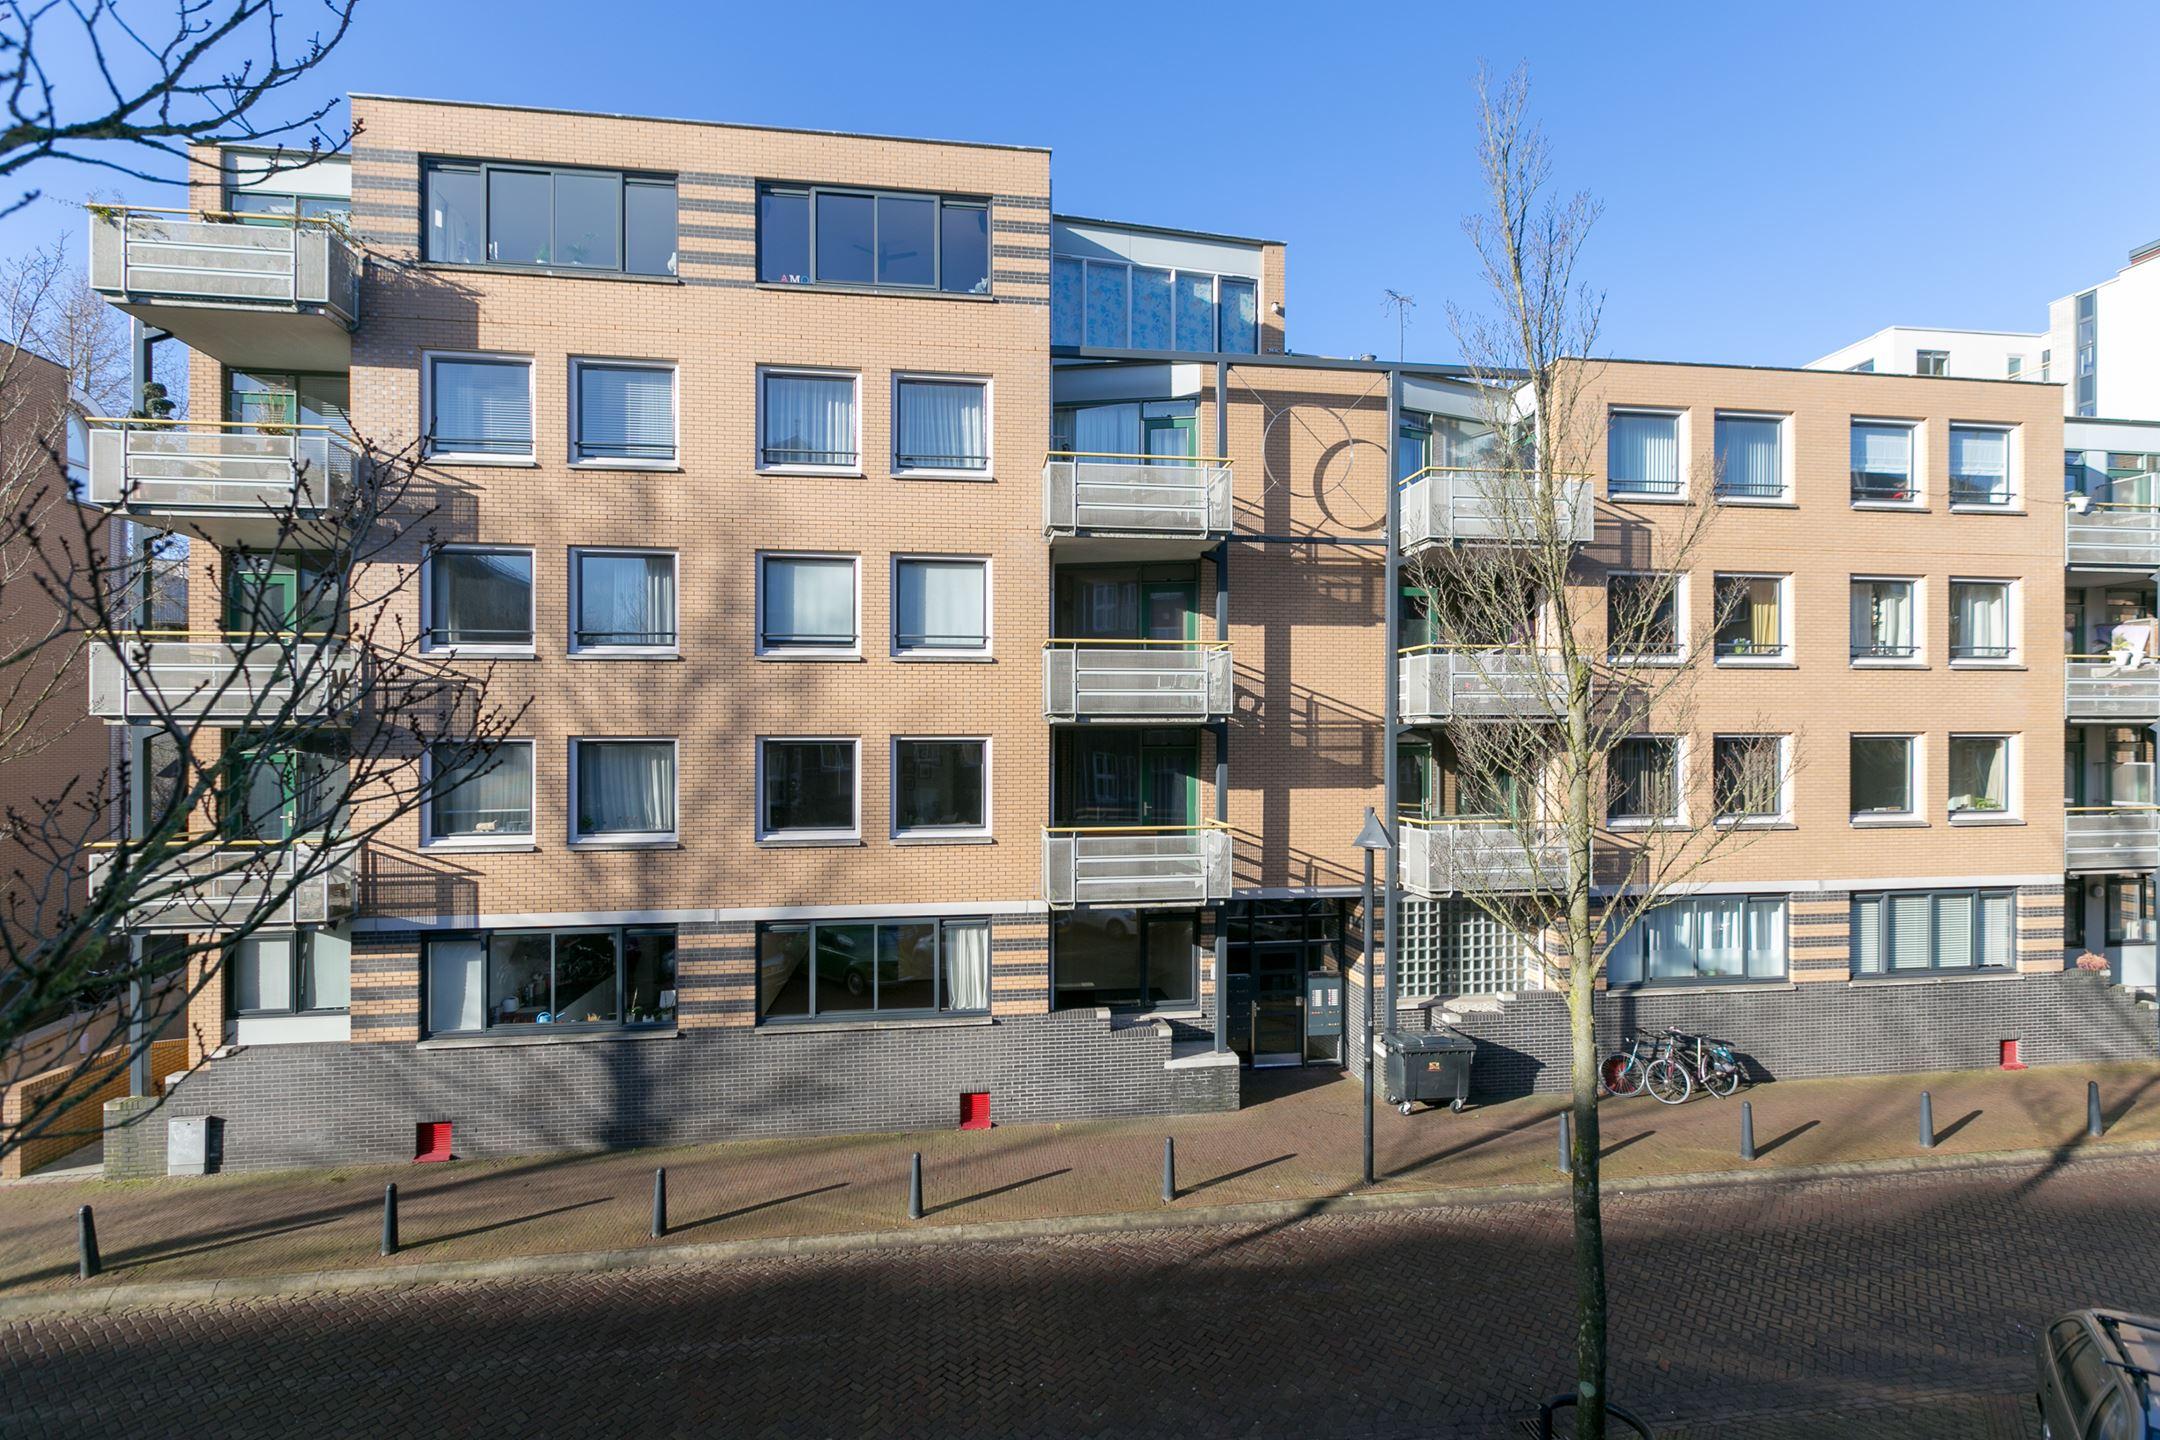 Verkocht arthur van schendelstraat 7 3511 ma utrecht funda for Funda utrecht